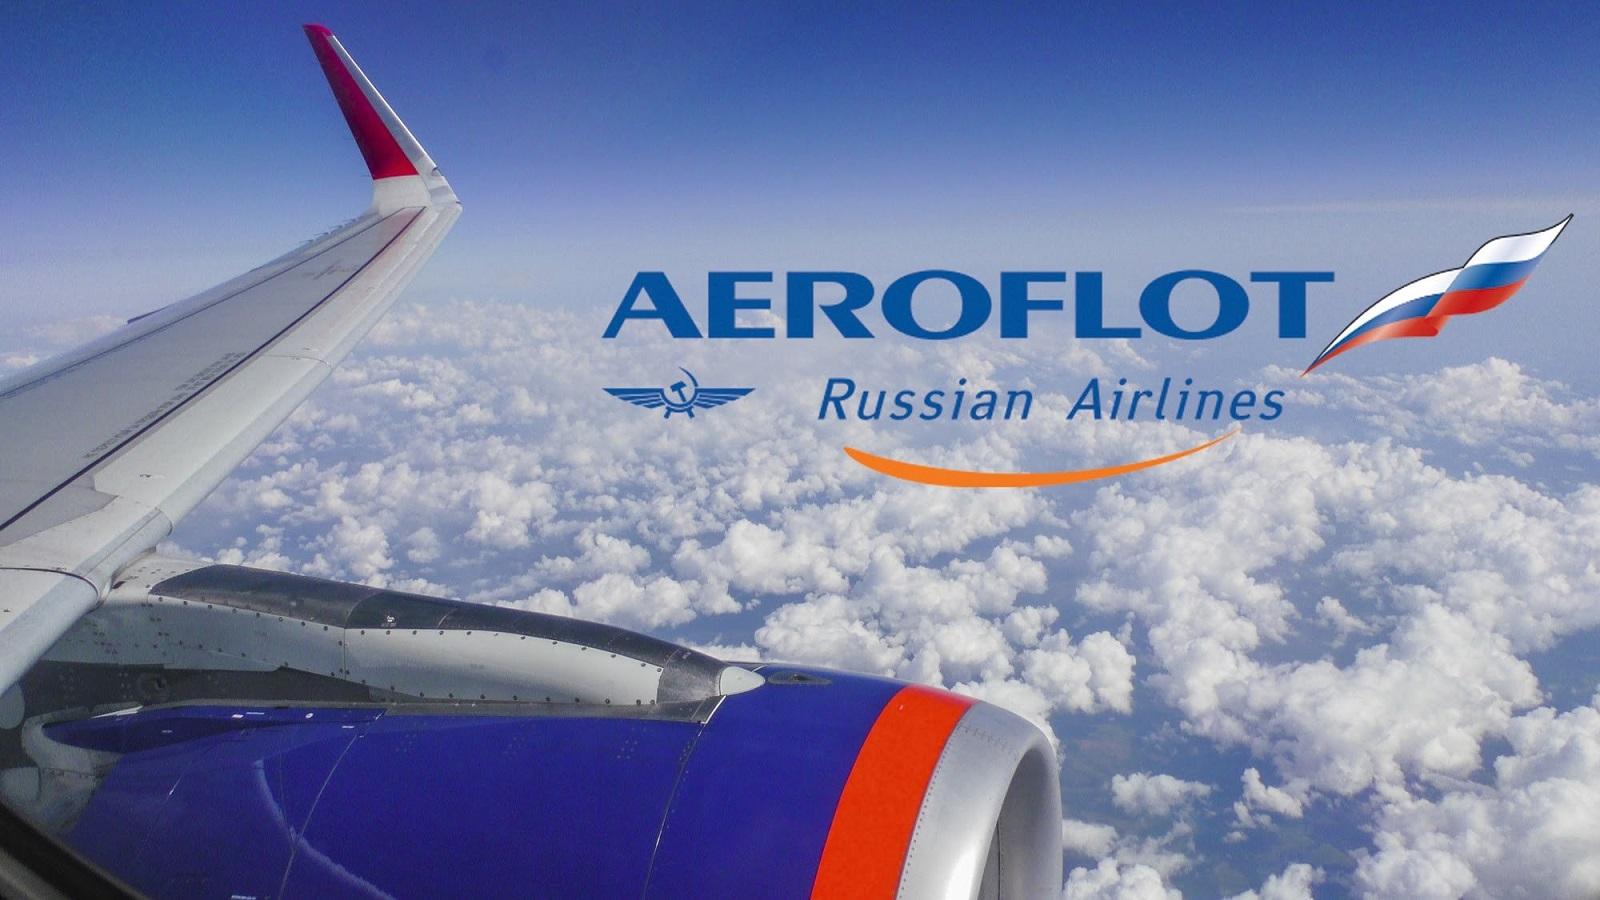 Аэрофлот: о компании, условиях работы, устройства, тестах и собеседовании в 2020 году